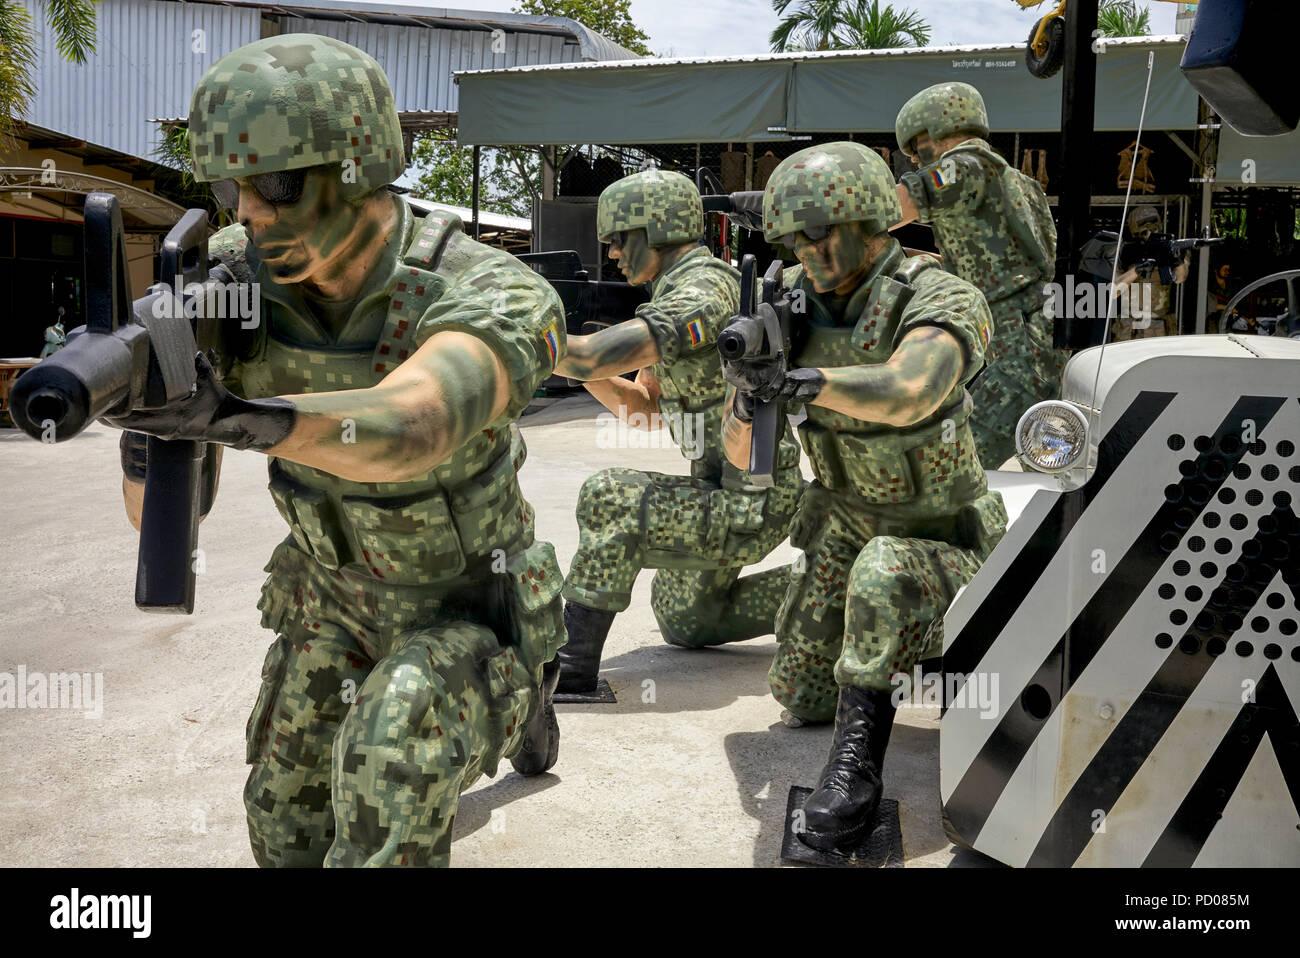 e20f2c4f Des statues de soldats aux Etats-Unis à la guerre Café cafe Pattaya en  Thaïlande